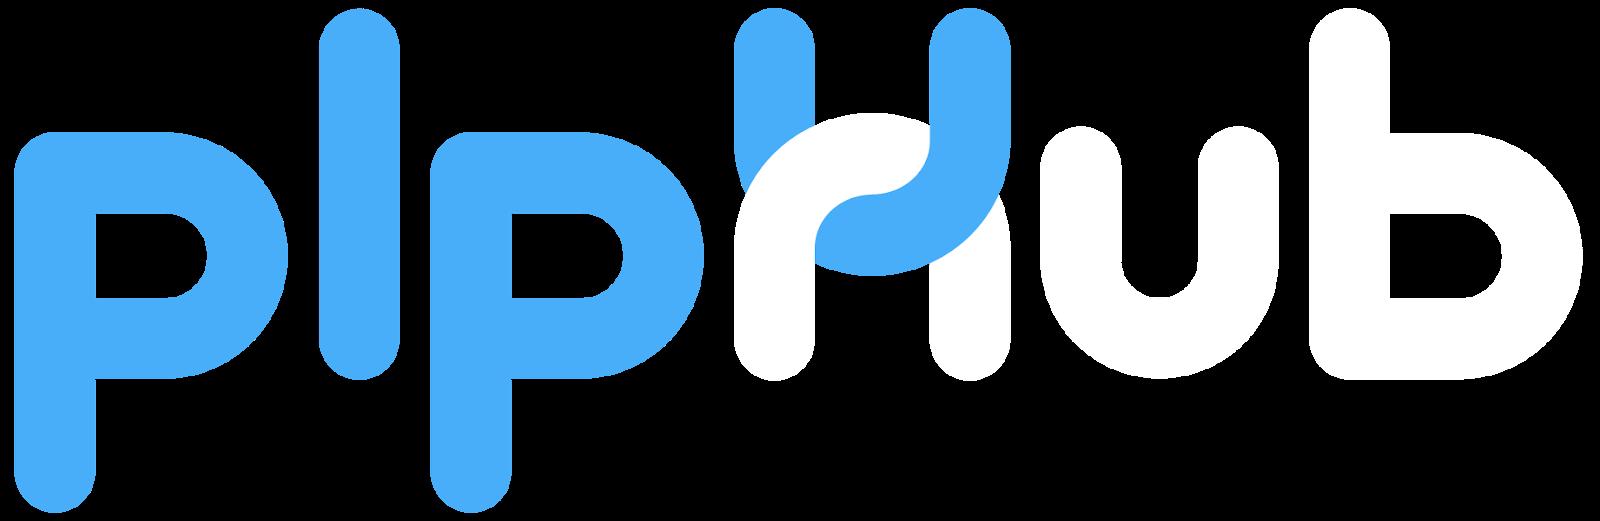 plpHub.club